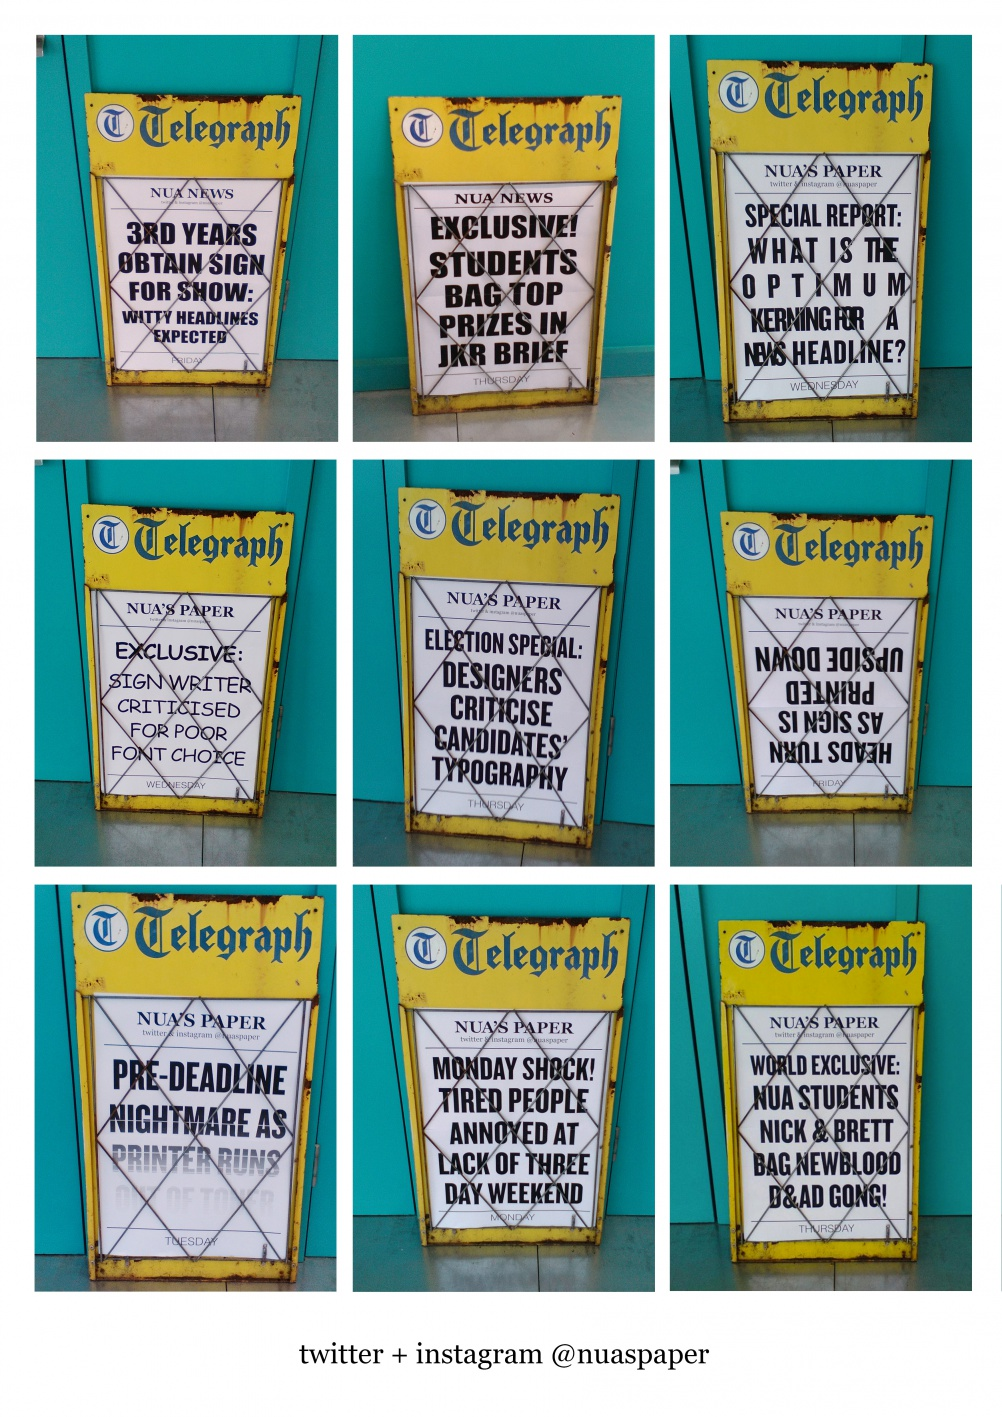 headlines on boardsA3